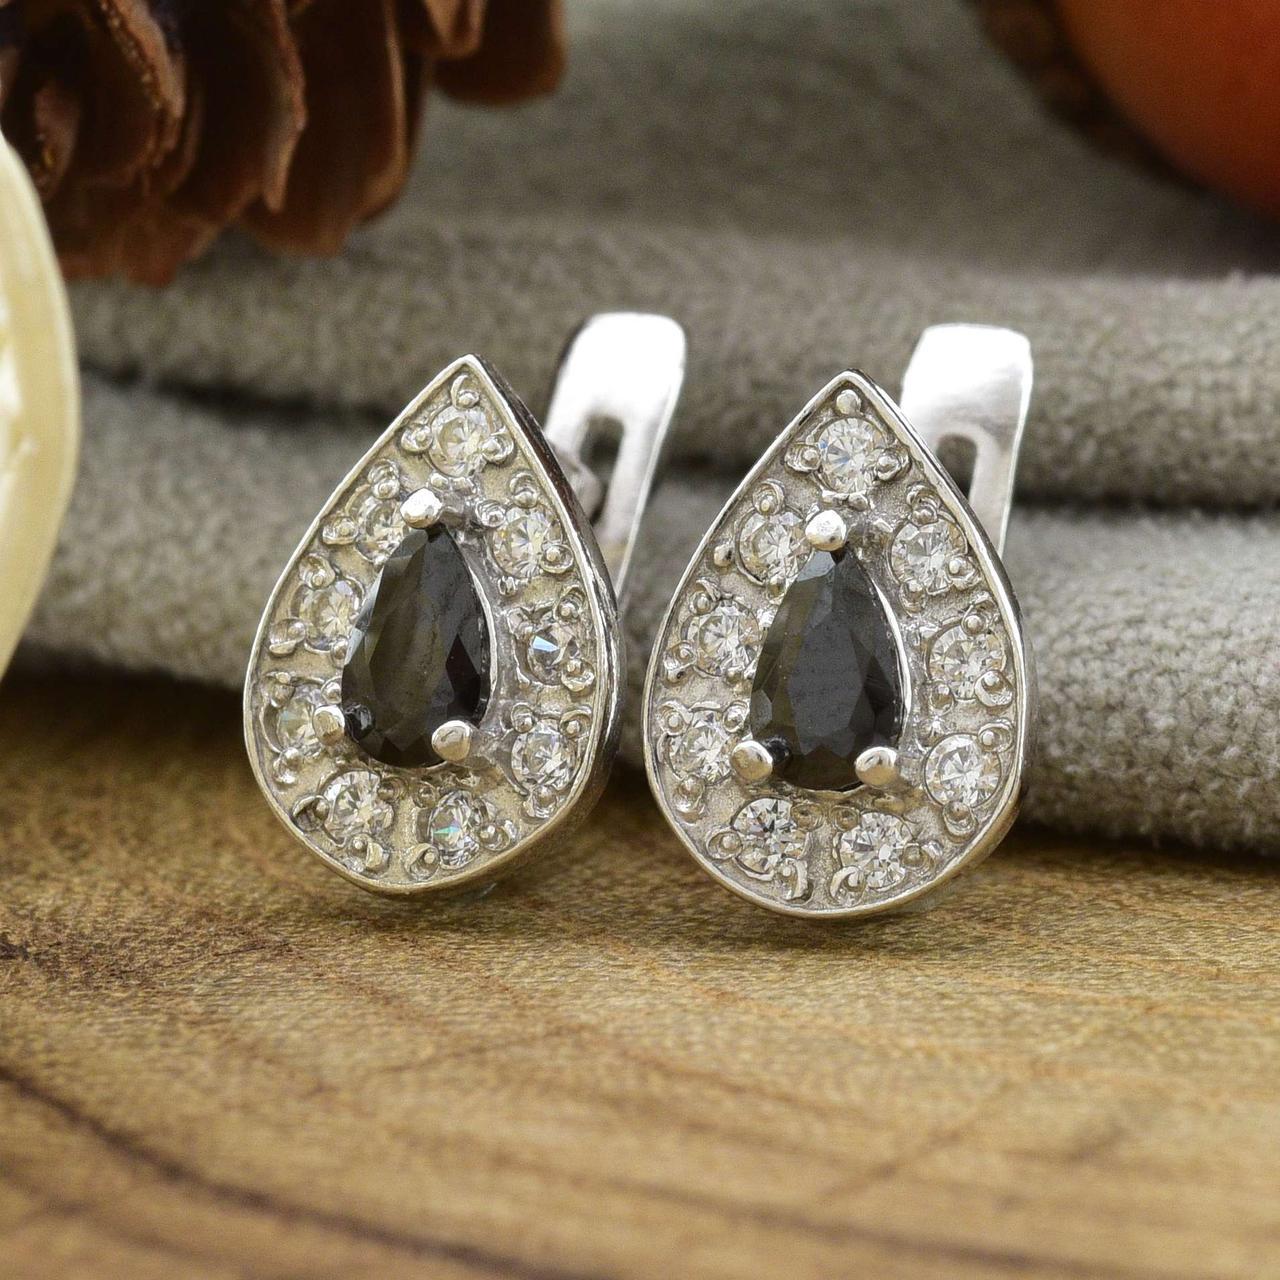 Серебряные серьги Каролина размер 10х8 мм черные фианиты вес 2.4 г